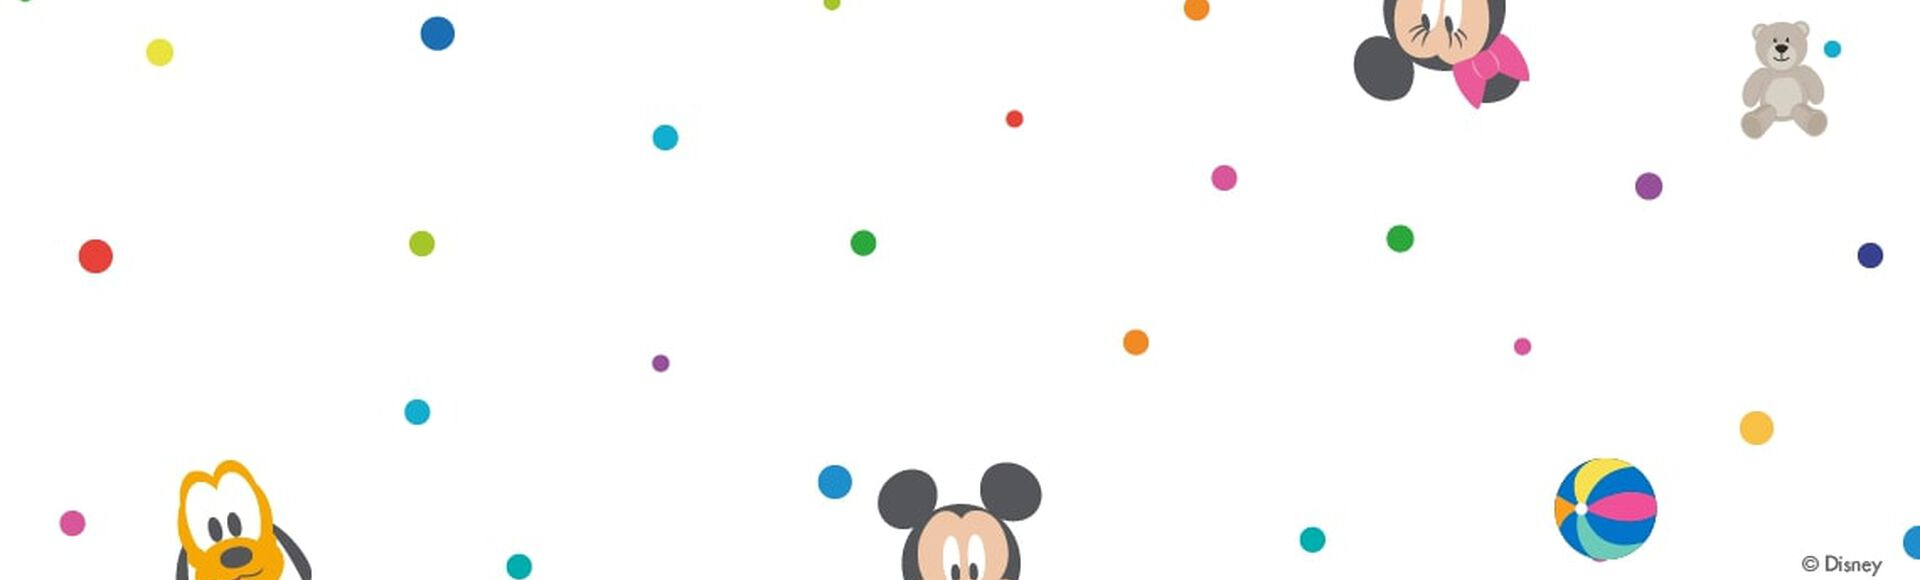 Banderines decorativos de Mickey y sus amigos